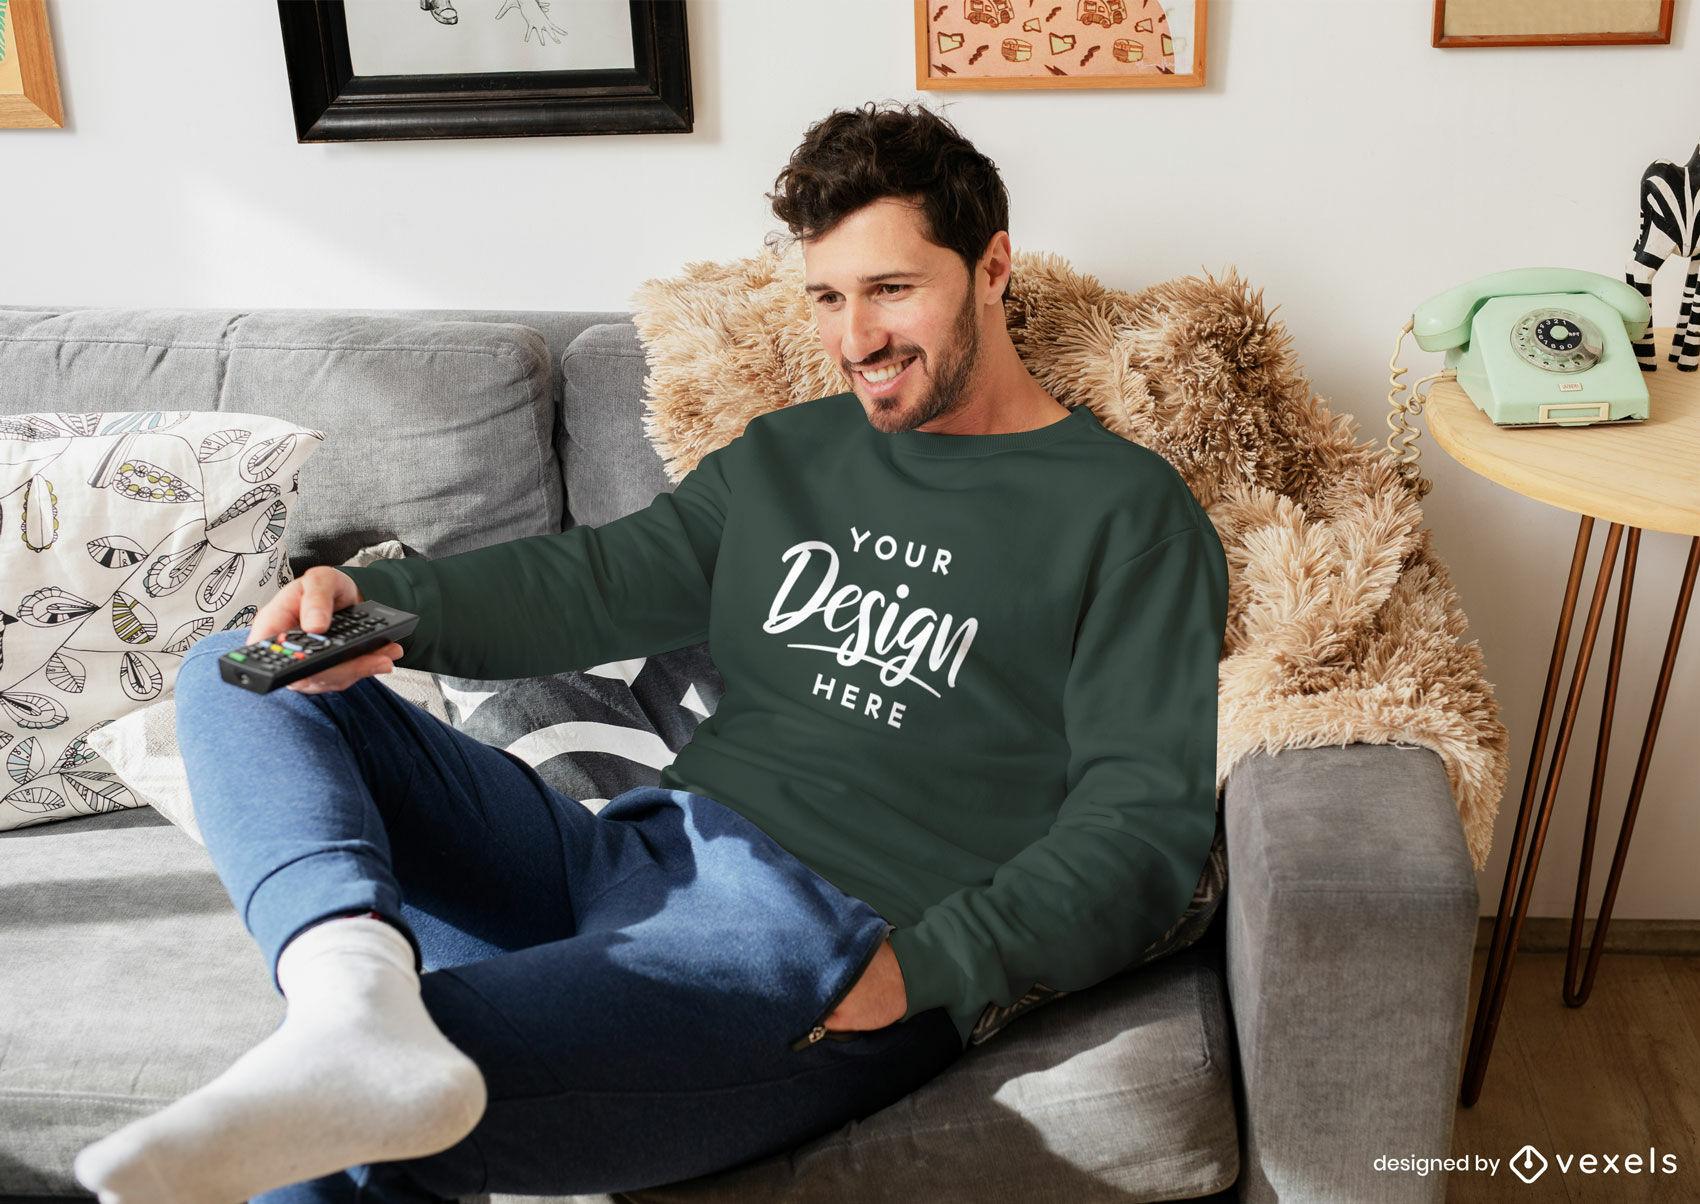 Grüner Sweatshirt-Mockup-Mann im Wohnzimmer sitzend